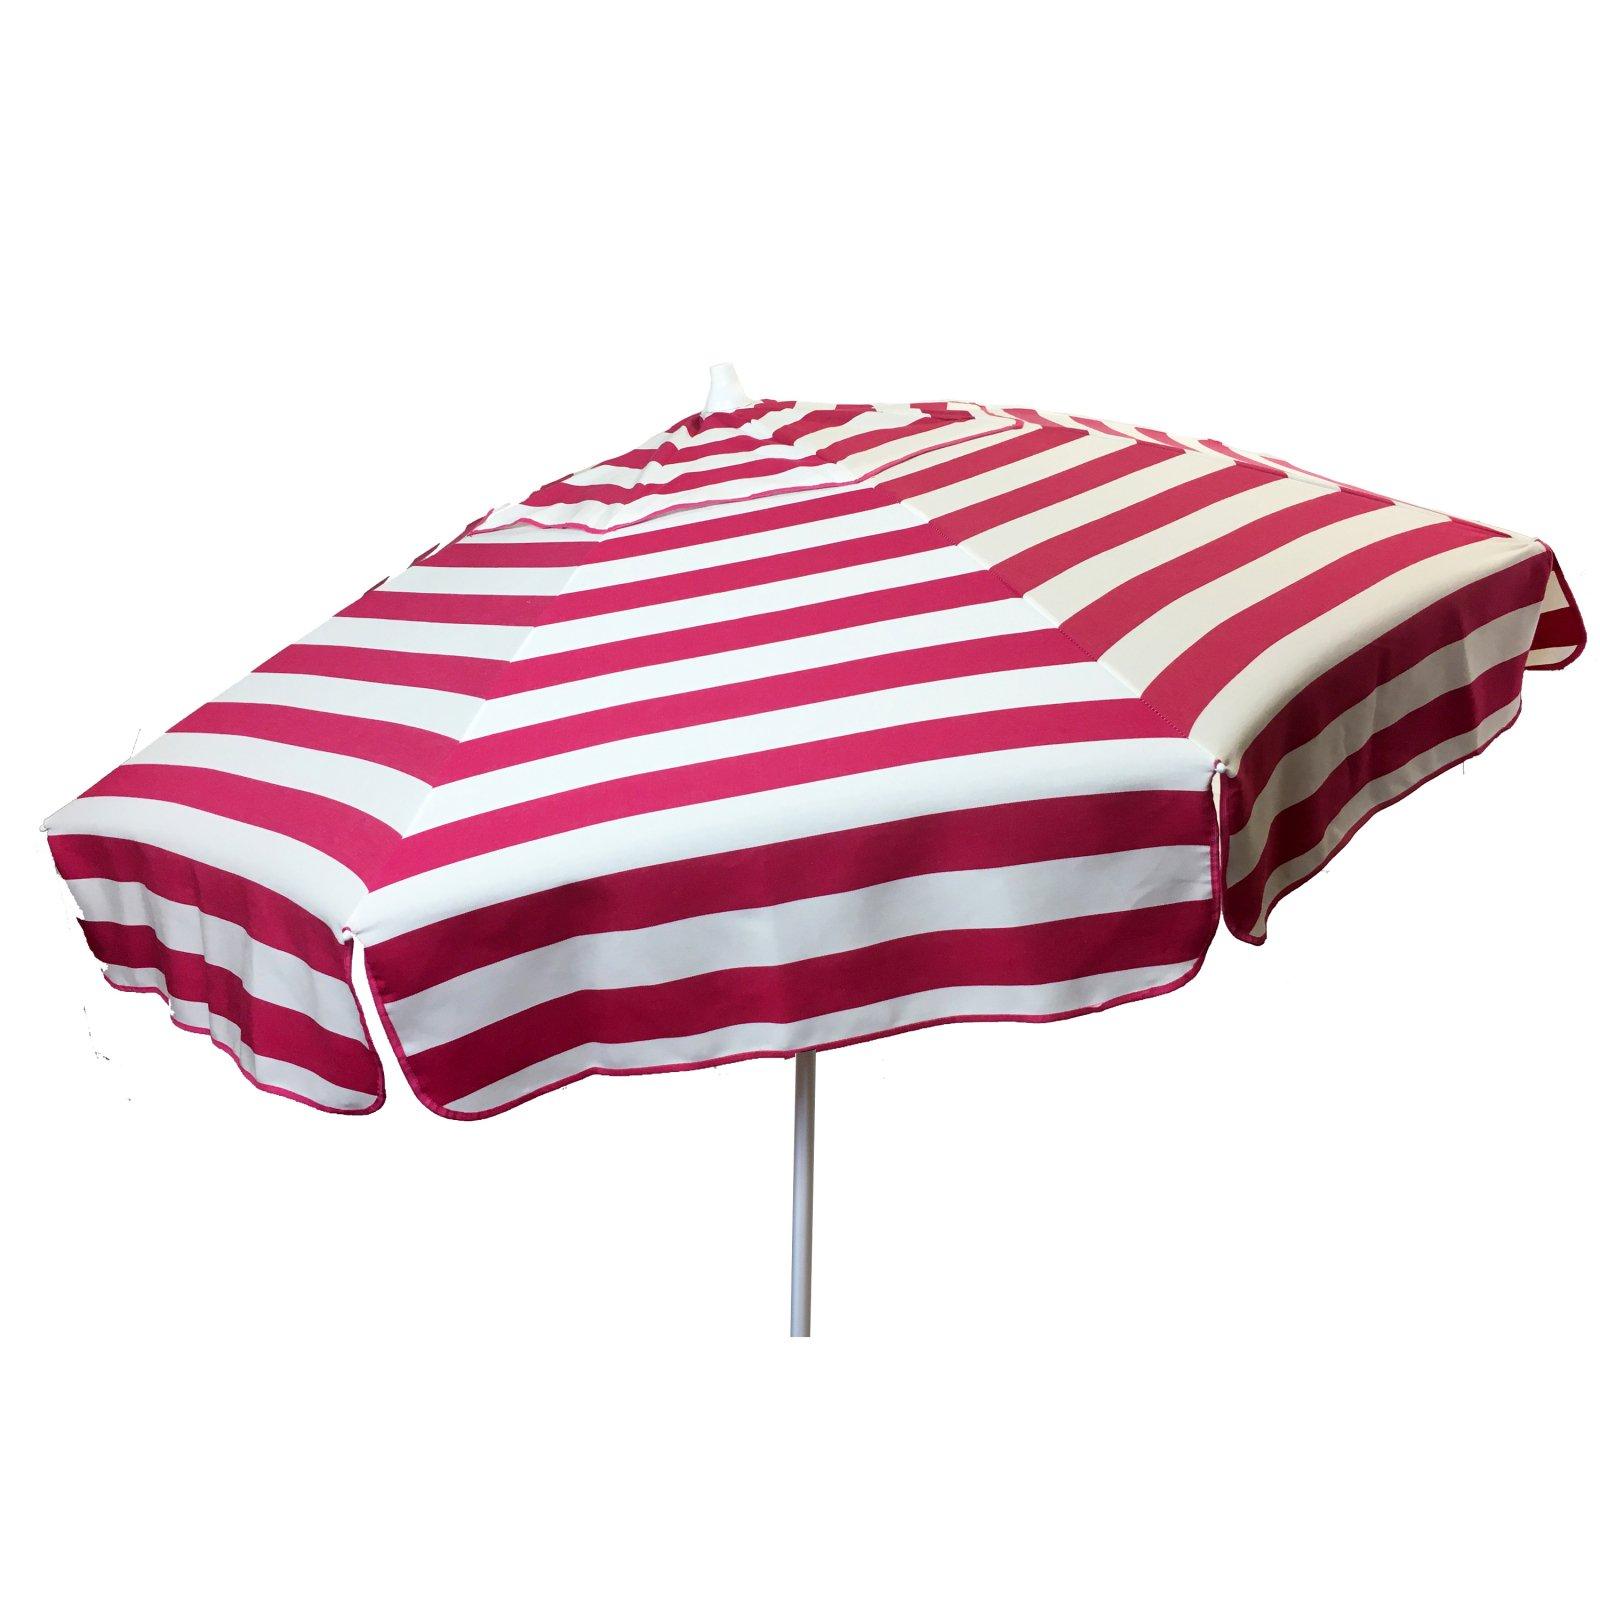 6ft Italian Market Tilt Umbrella Home Patio Sun Canopy Pink Stripe - Patio Pole